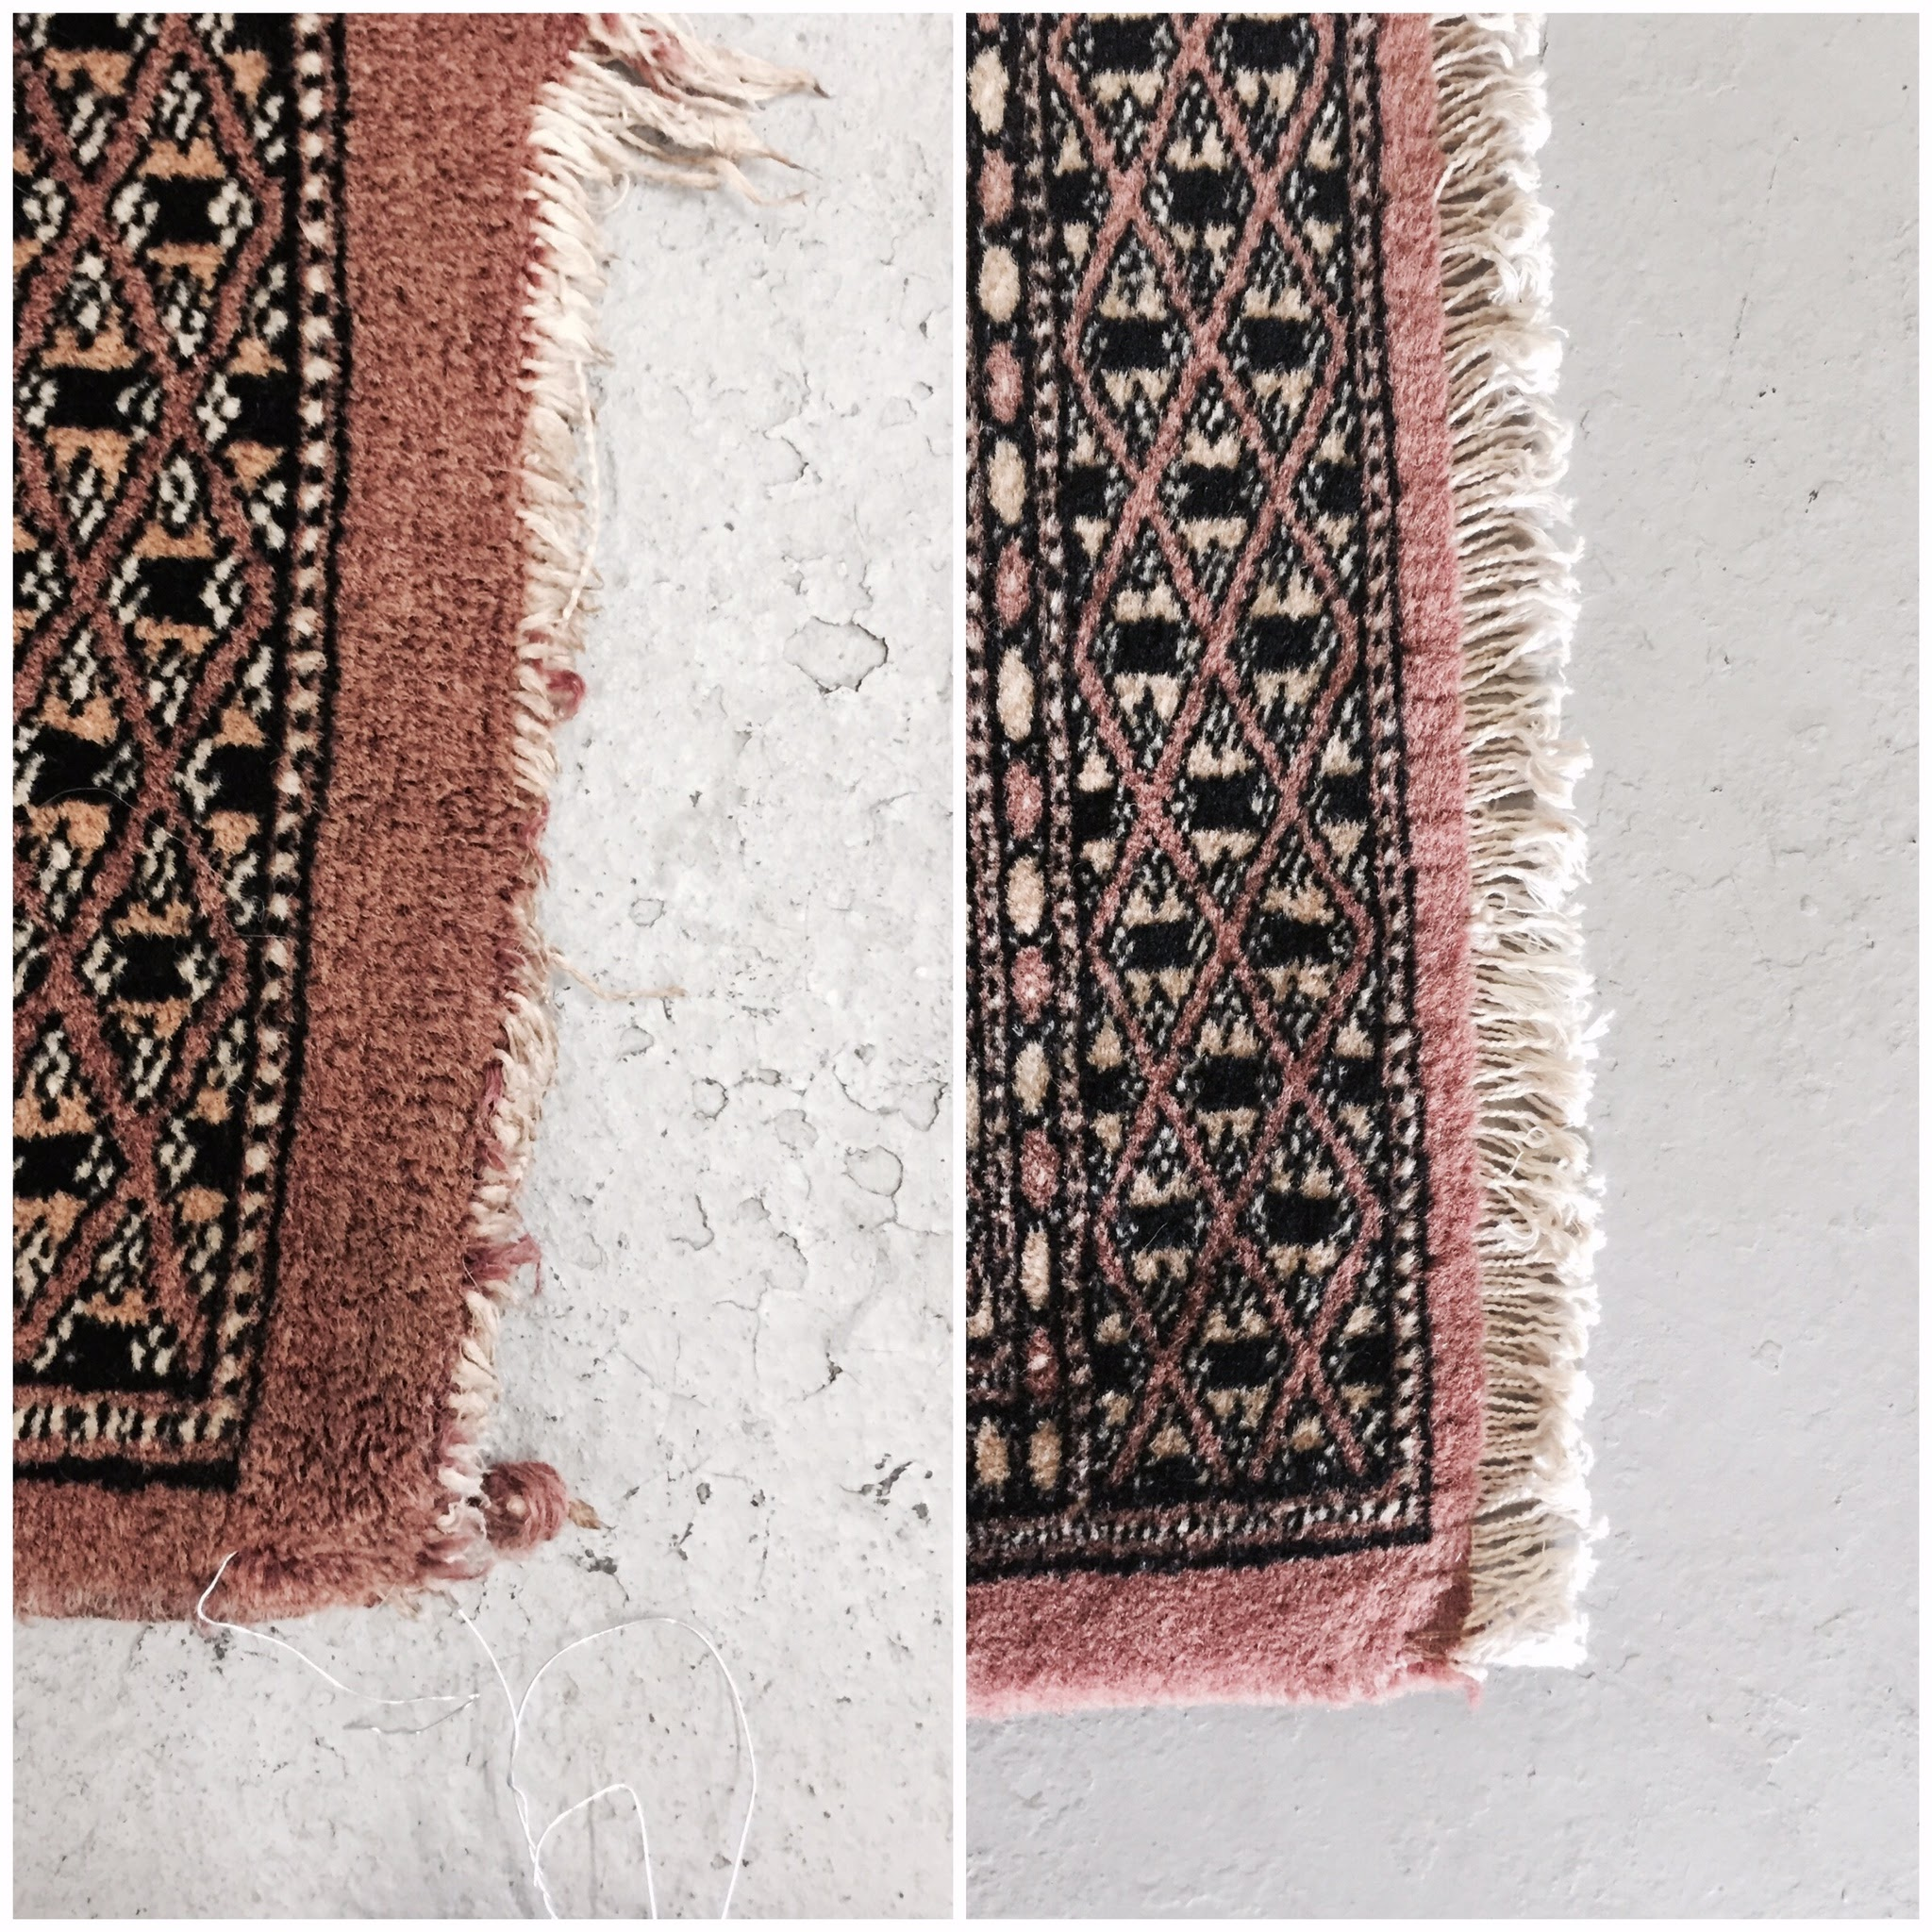 Bokhara rug fringe repair